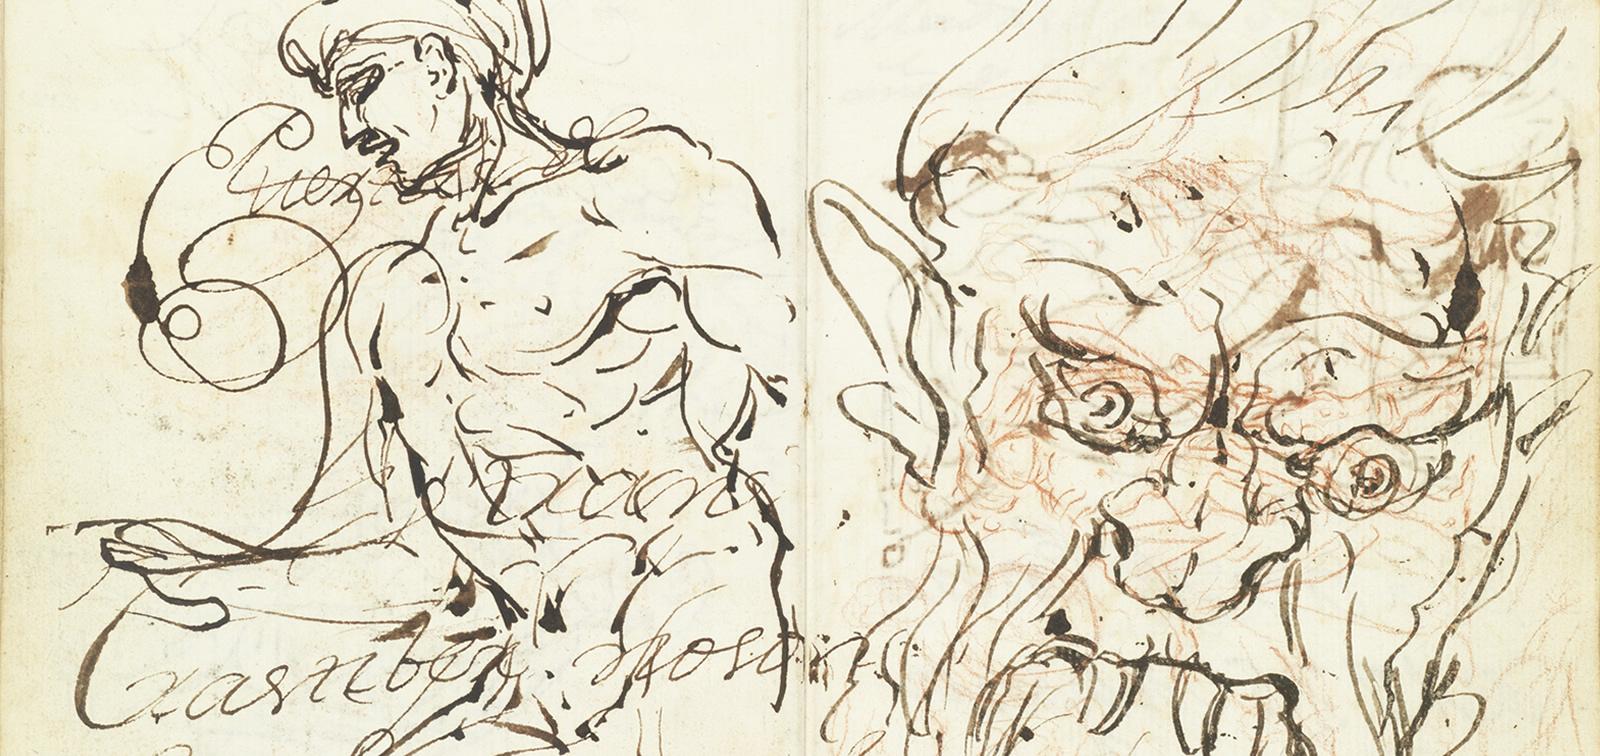 Roma en el bolsillo. Cuadernos de dibujo y aprendizaje artístico en el siglo XVIII